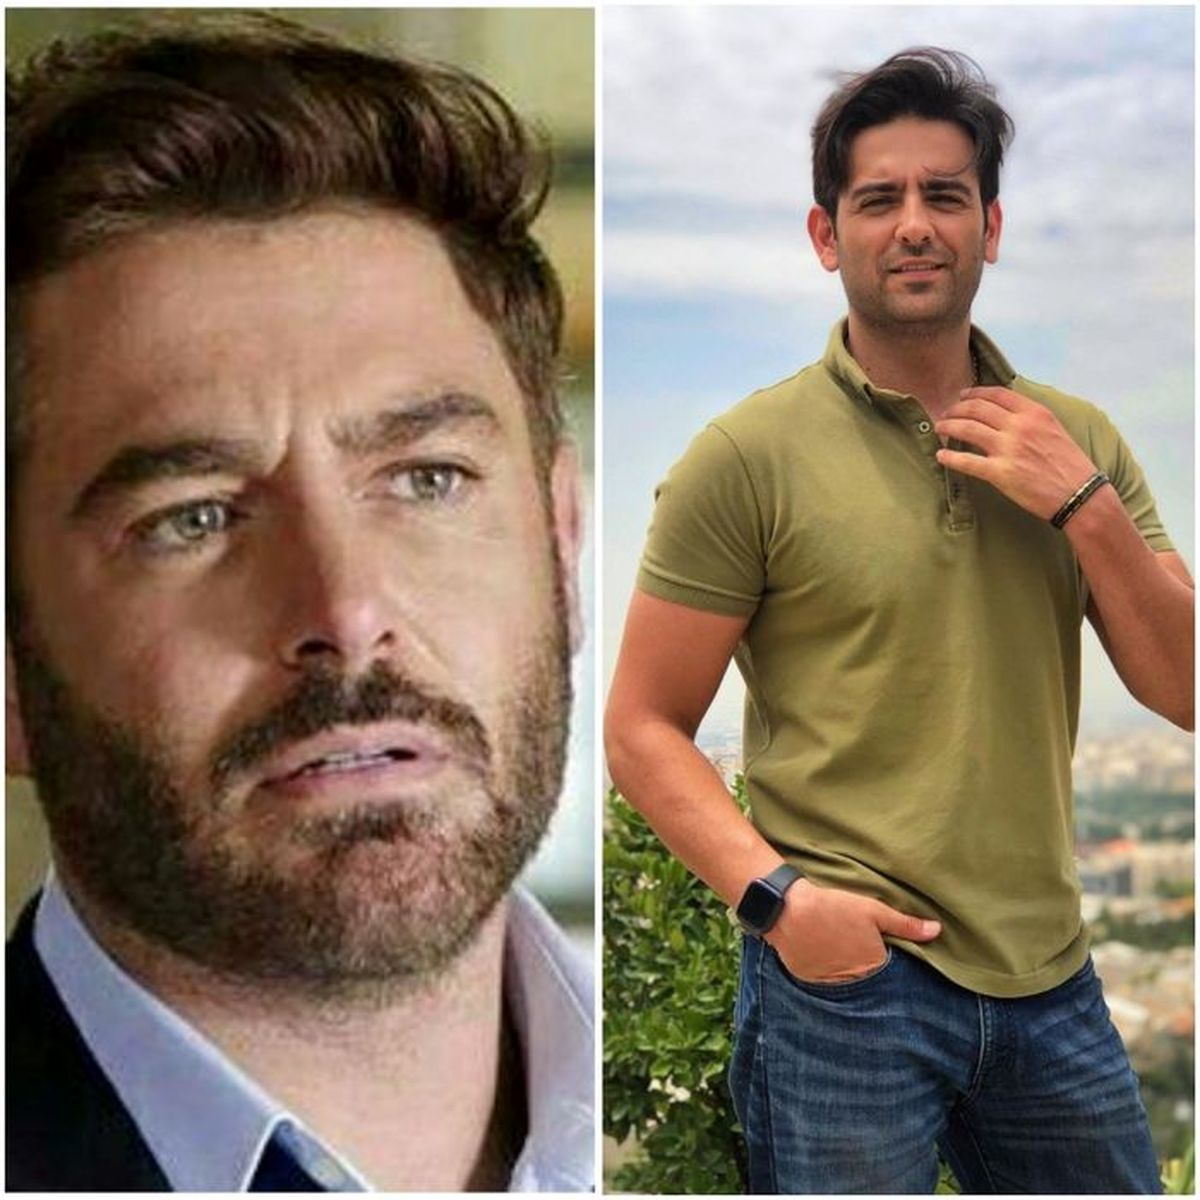 کدام بازیگر مرد ایرانی جذاب تر است؟   امیرحسین آرمان یا محمدرضا گلزار؟